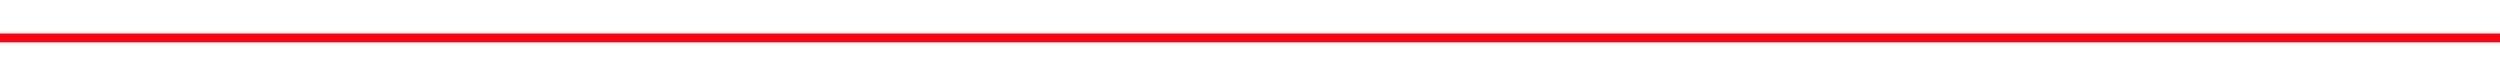 website_subhead_red_lines-1.jpg